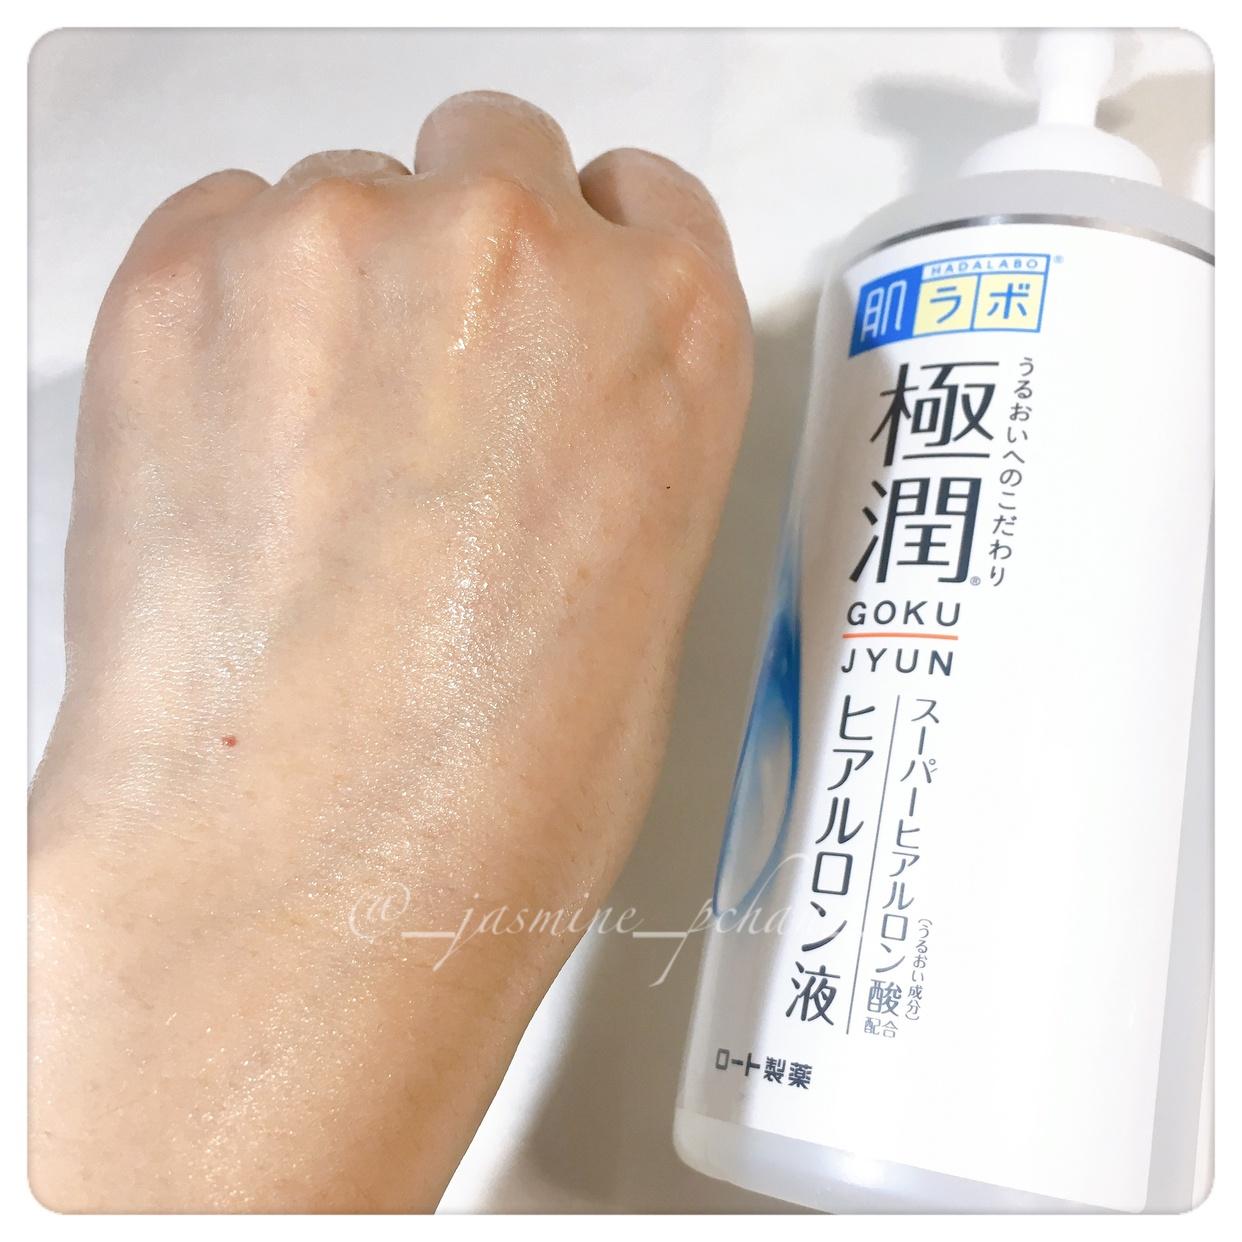 肌ラボ(HADALABO) 極潤 ヒアルロン液を使ったぴい0130さんのクチコミ画像3